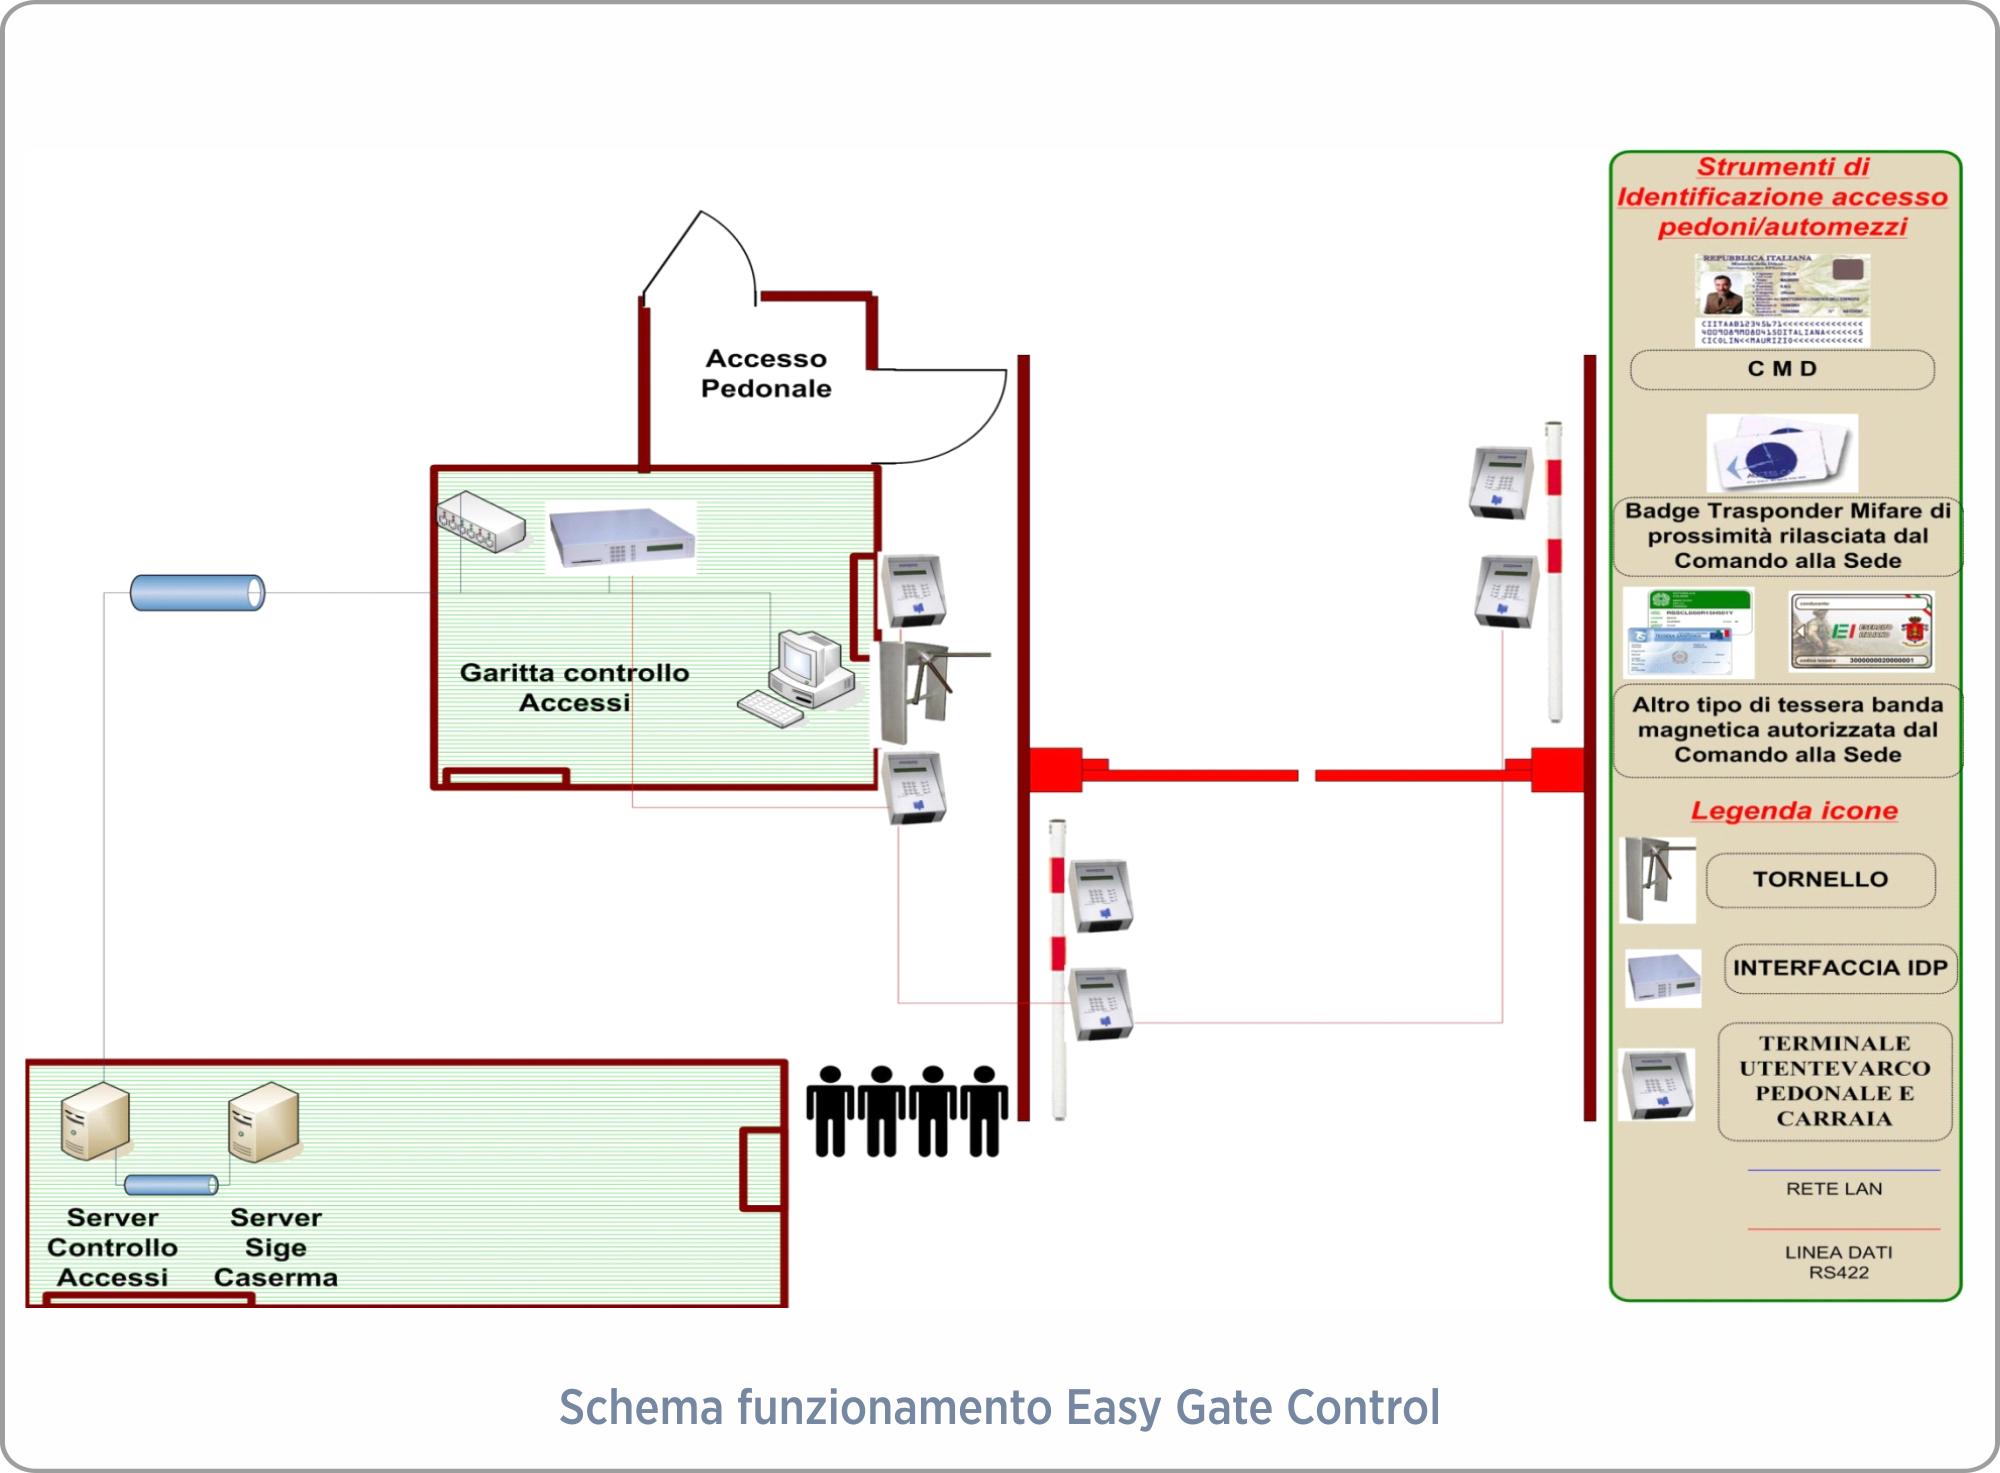 easy-gate-control-schema-funzionamento